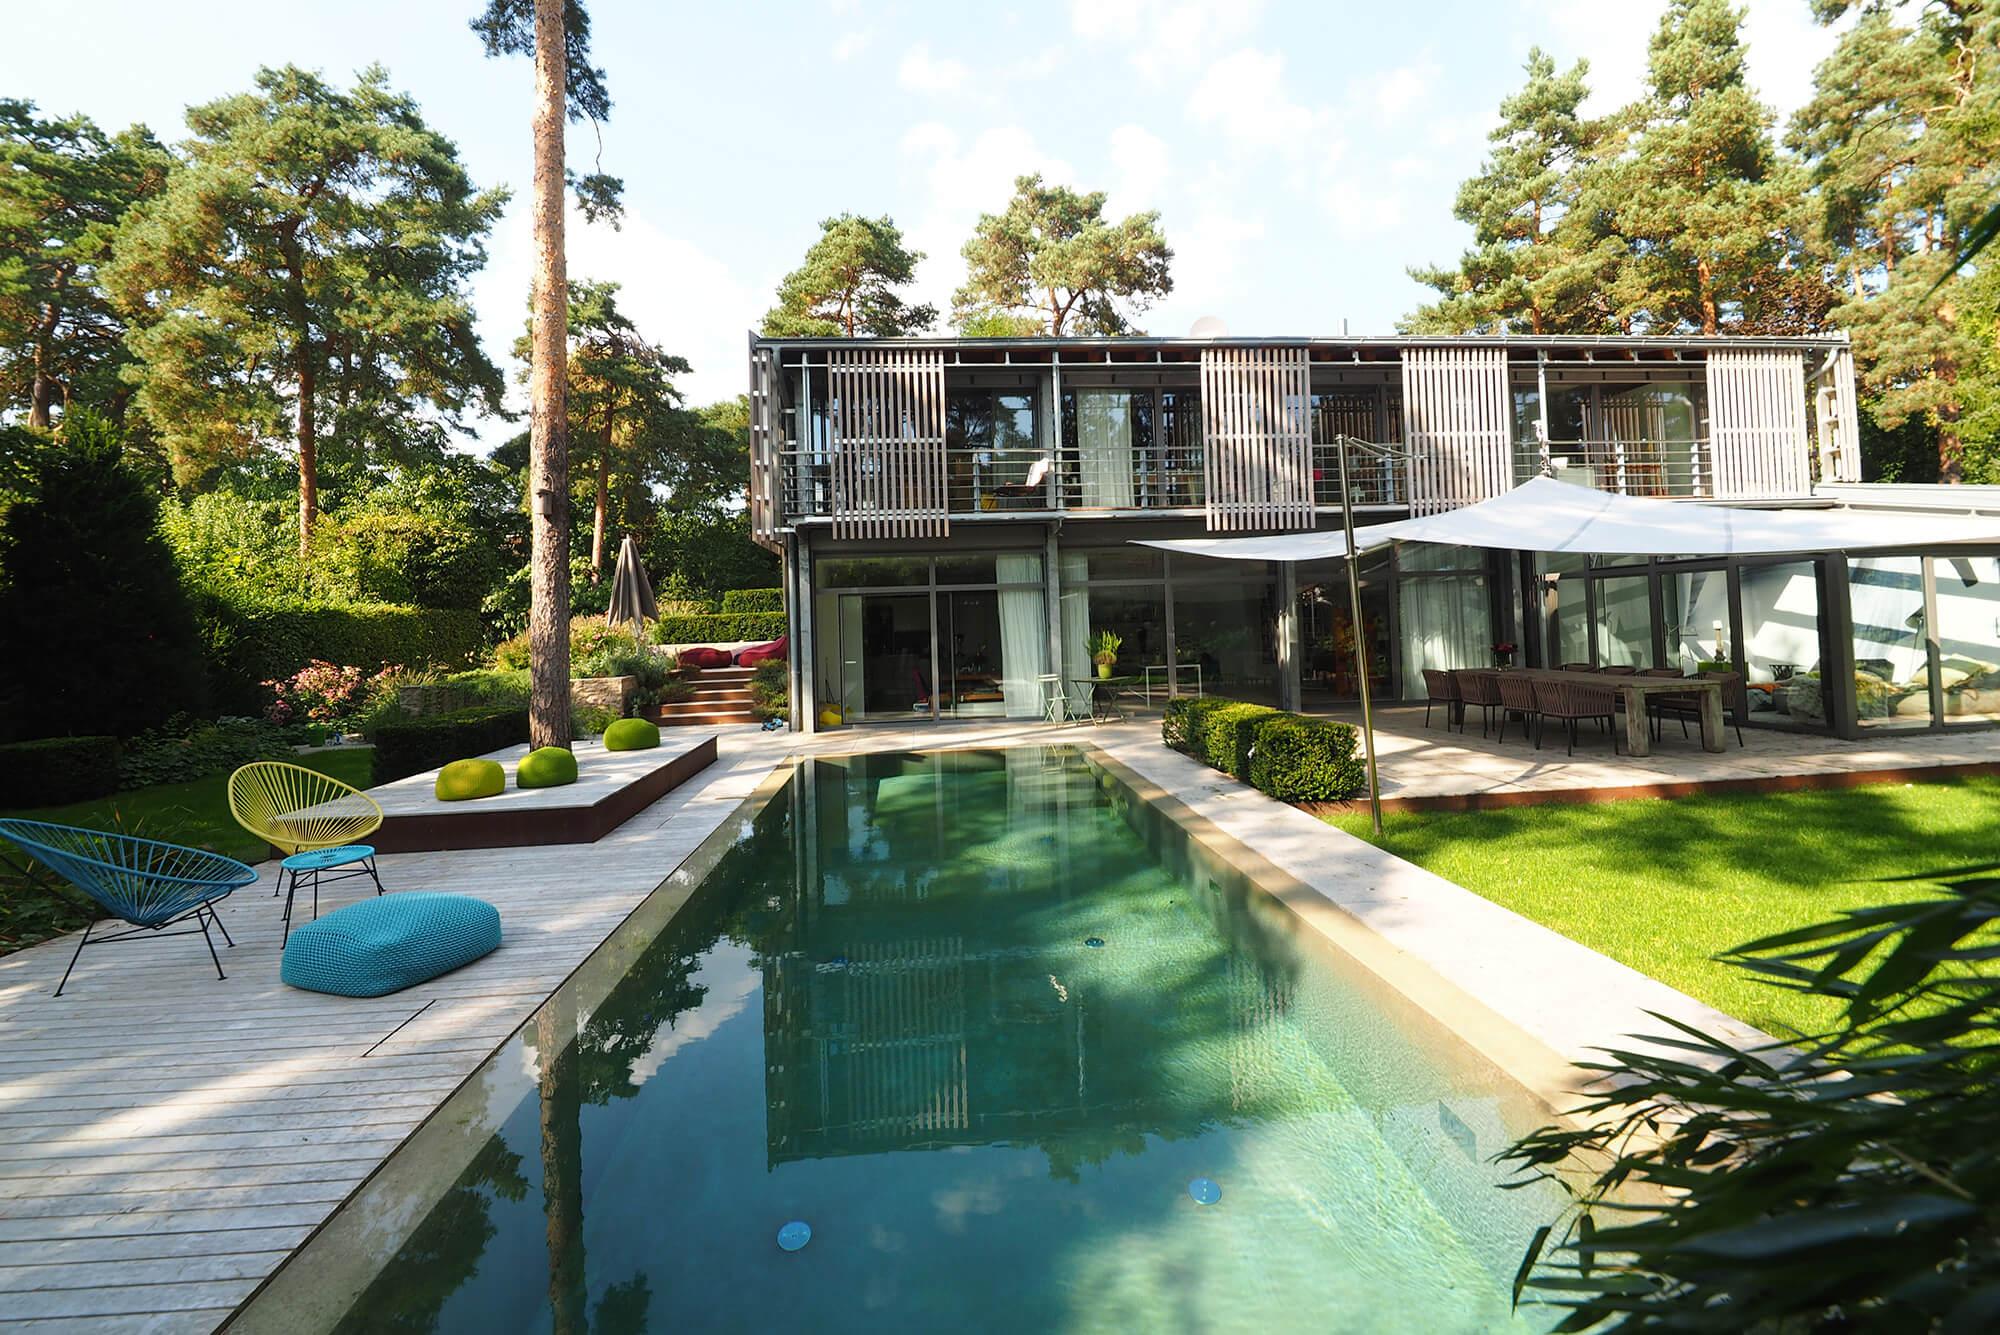 Haus Am Pool Motiv3